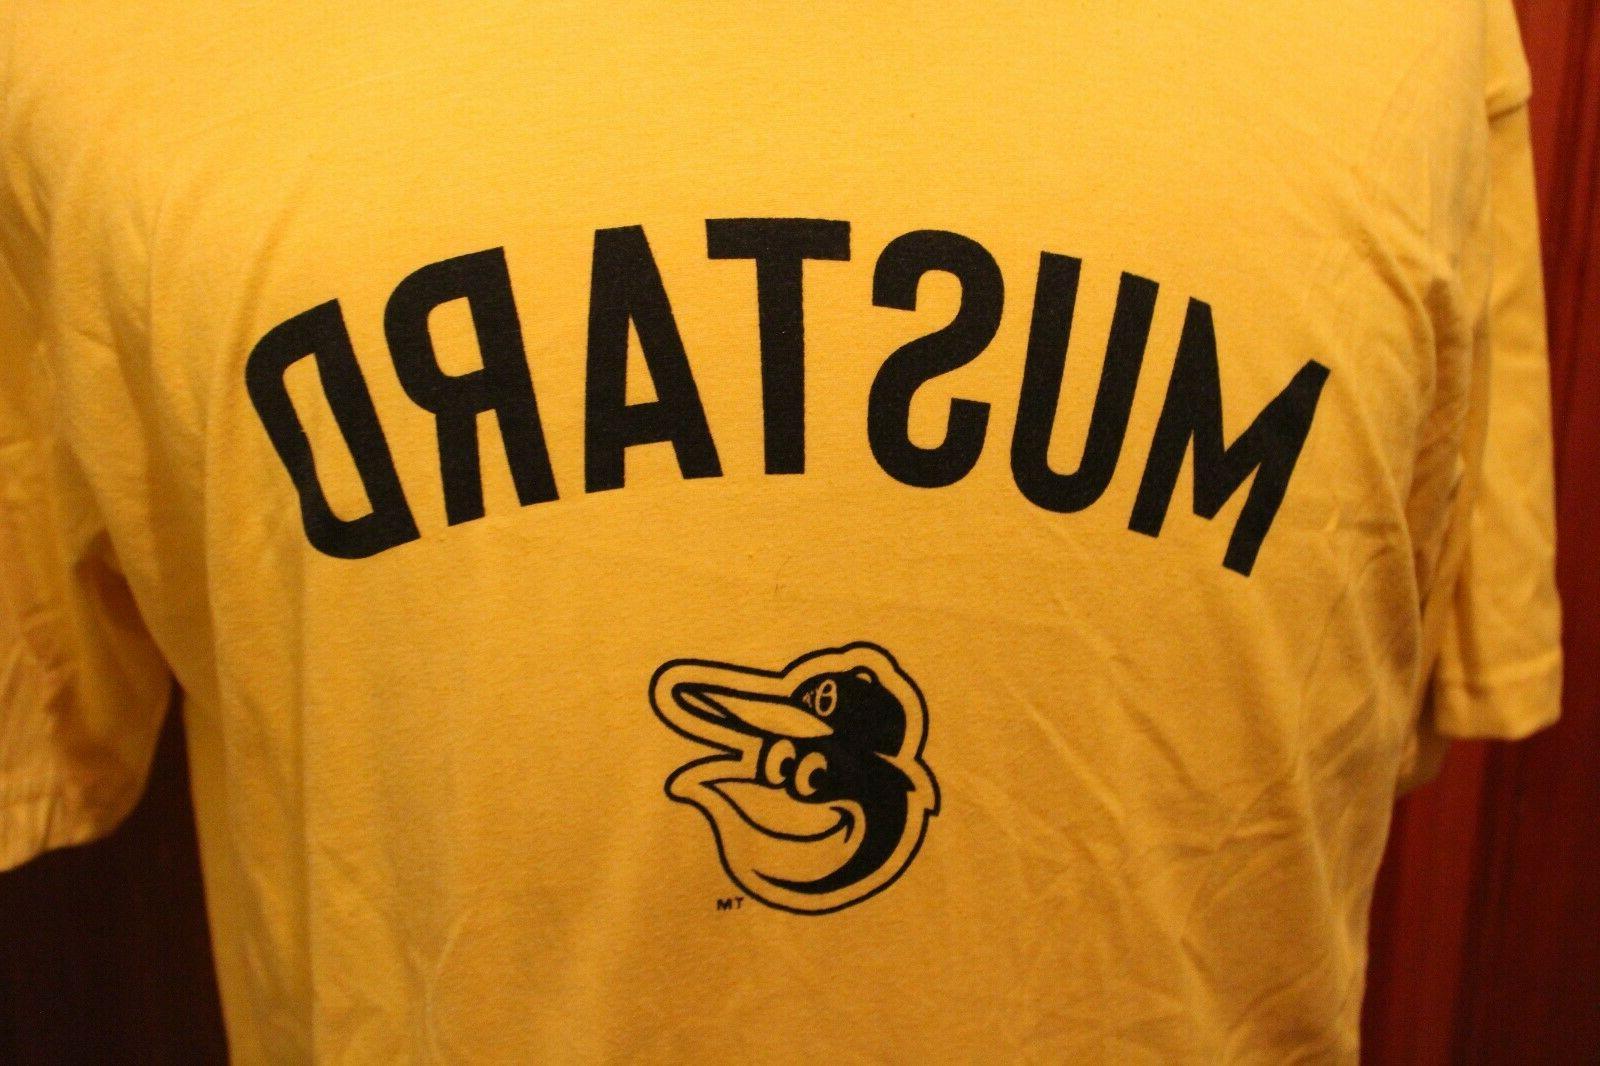 Baltimore Orioles Hotdog Racing Ketchup, Relish, or Shirts or XL